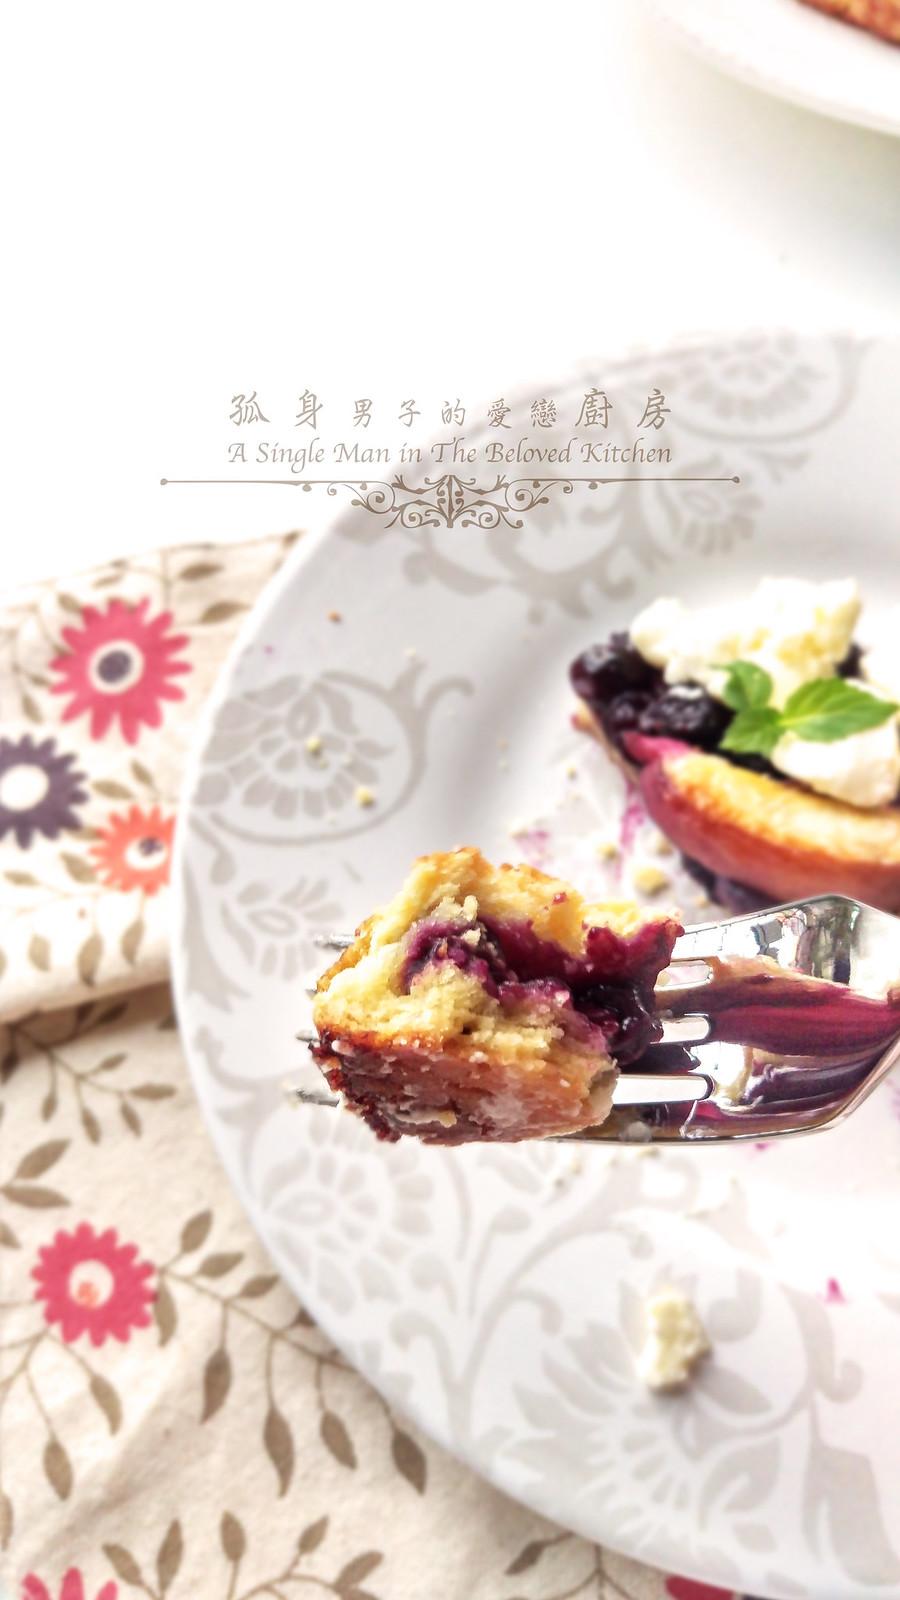 孤身廚房-藍莓甜桃法式烘餅Blueberry-Nectarin Galette36